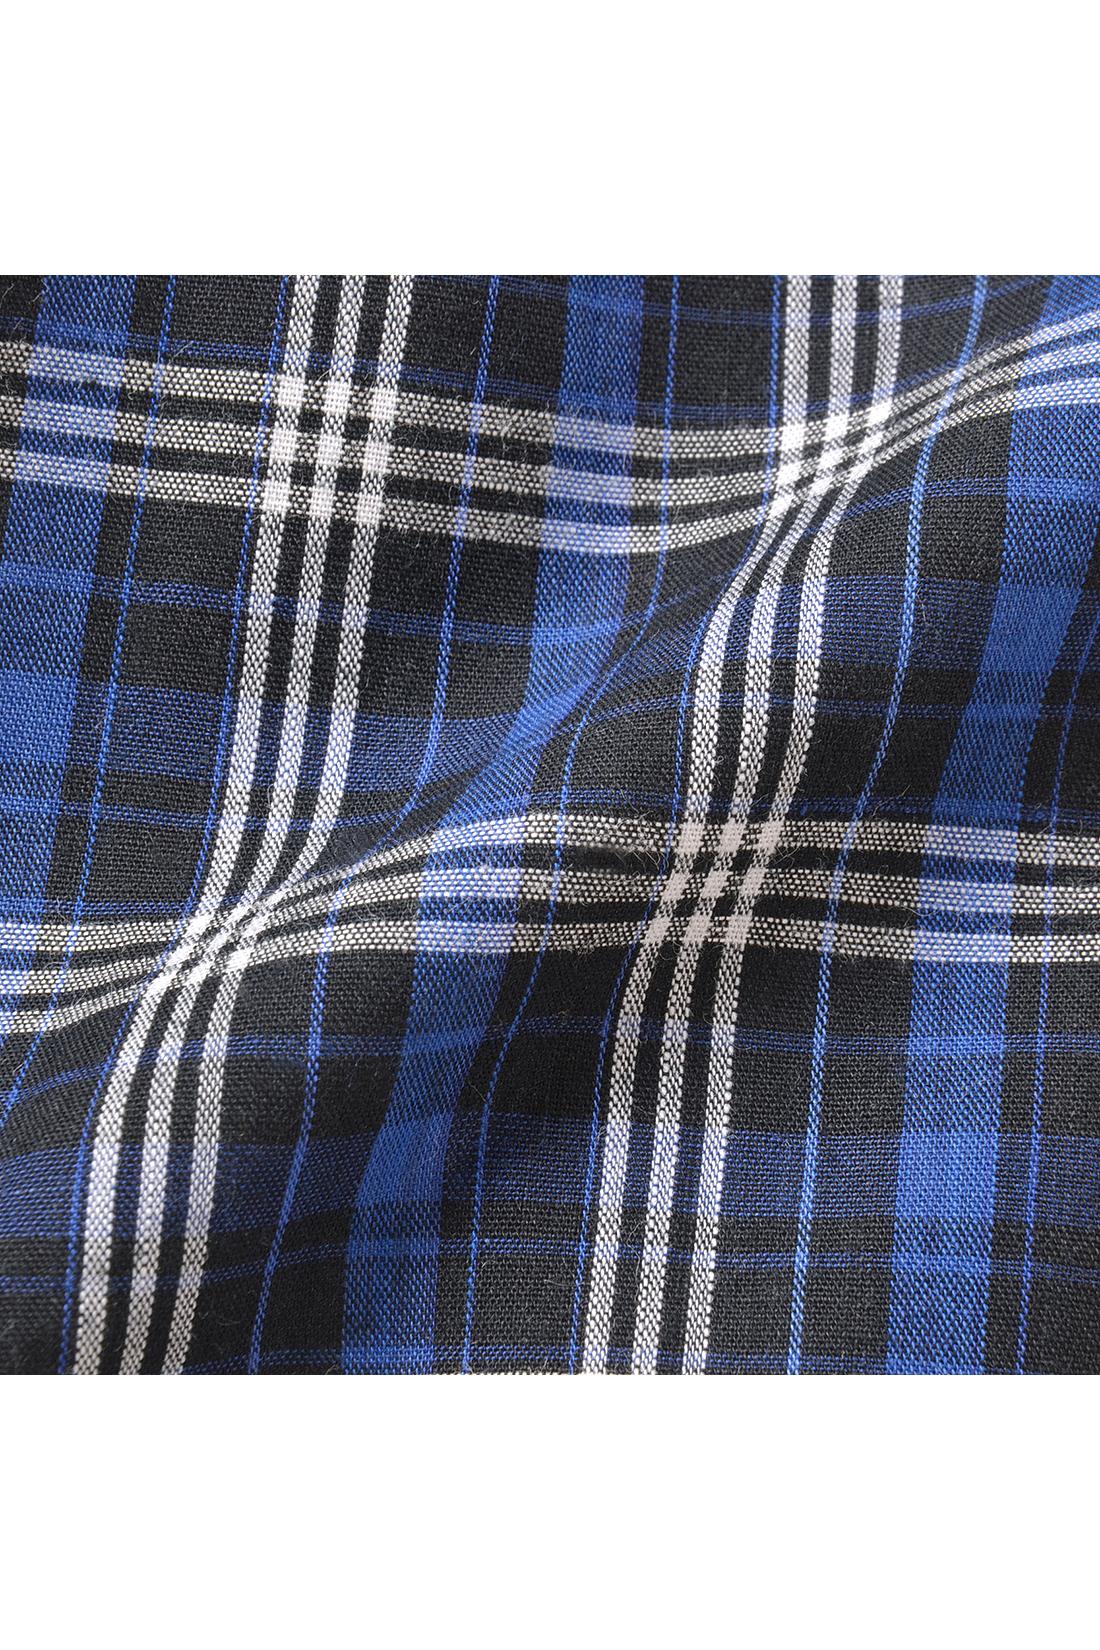 腰まわりをカバーするふんわり布はく素材。